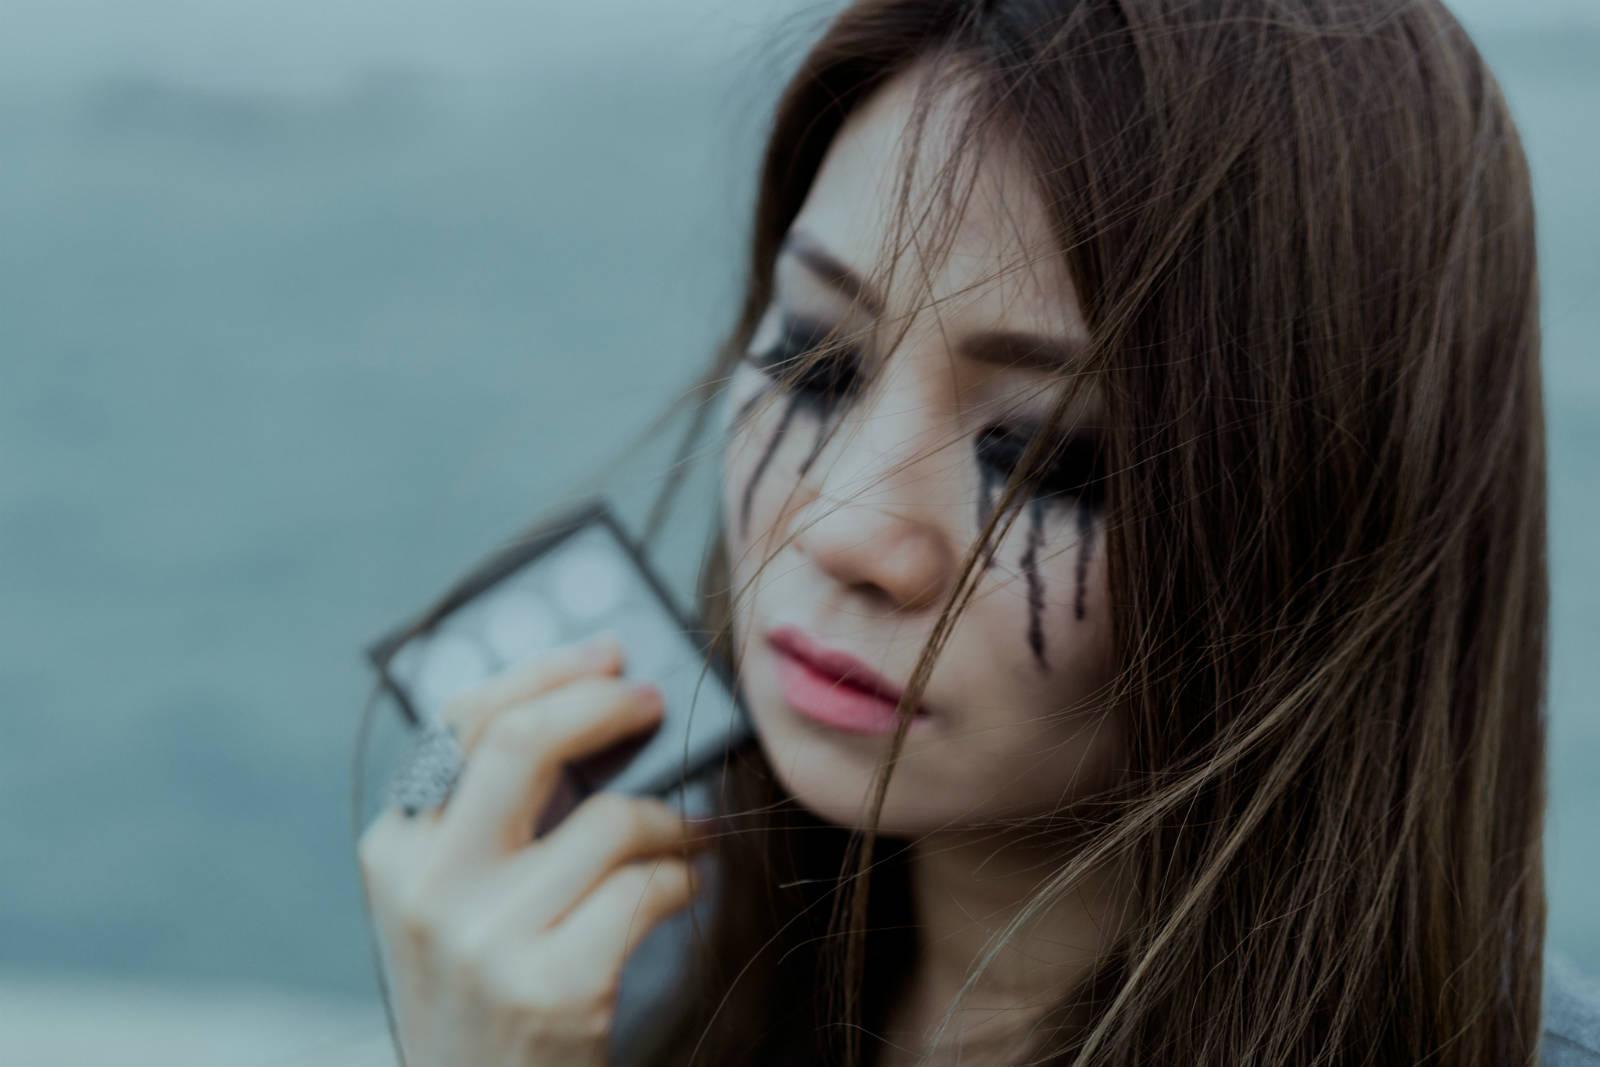 個人護理產品及化妝品都含有微塑膠,而香港人卻懵然不知。